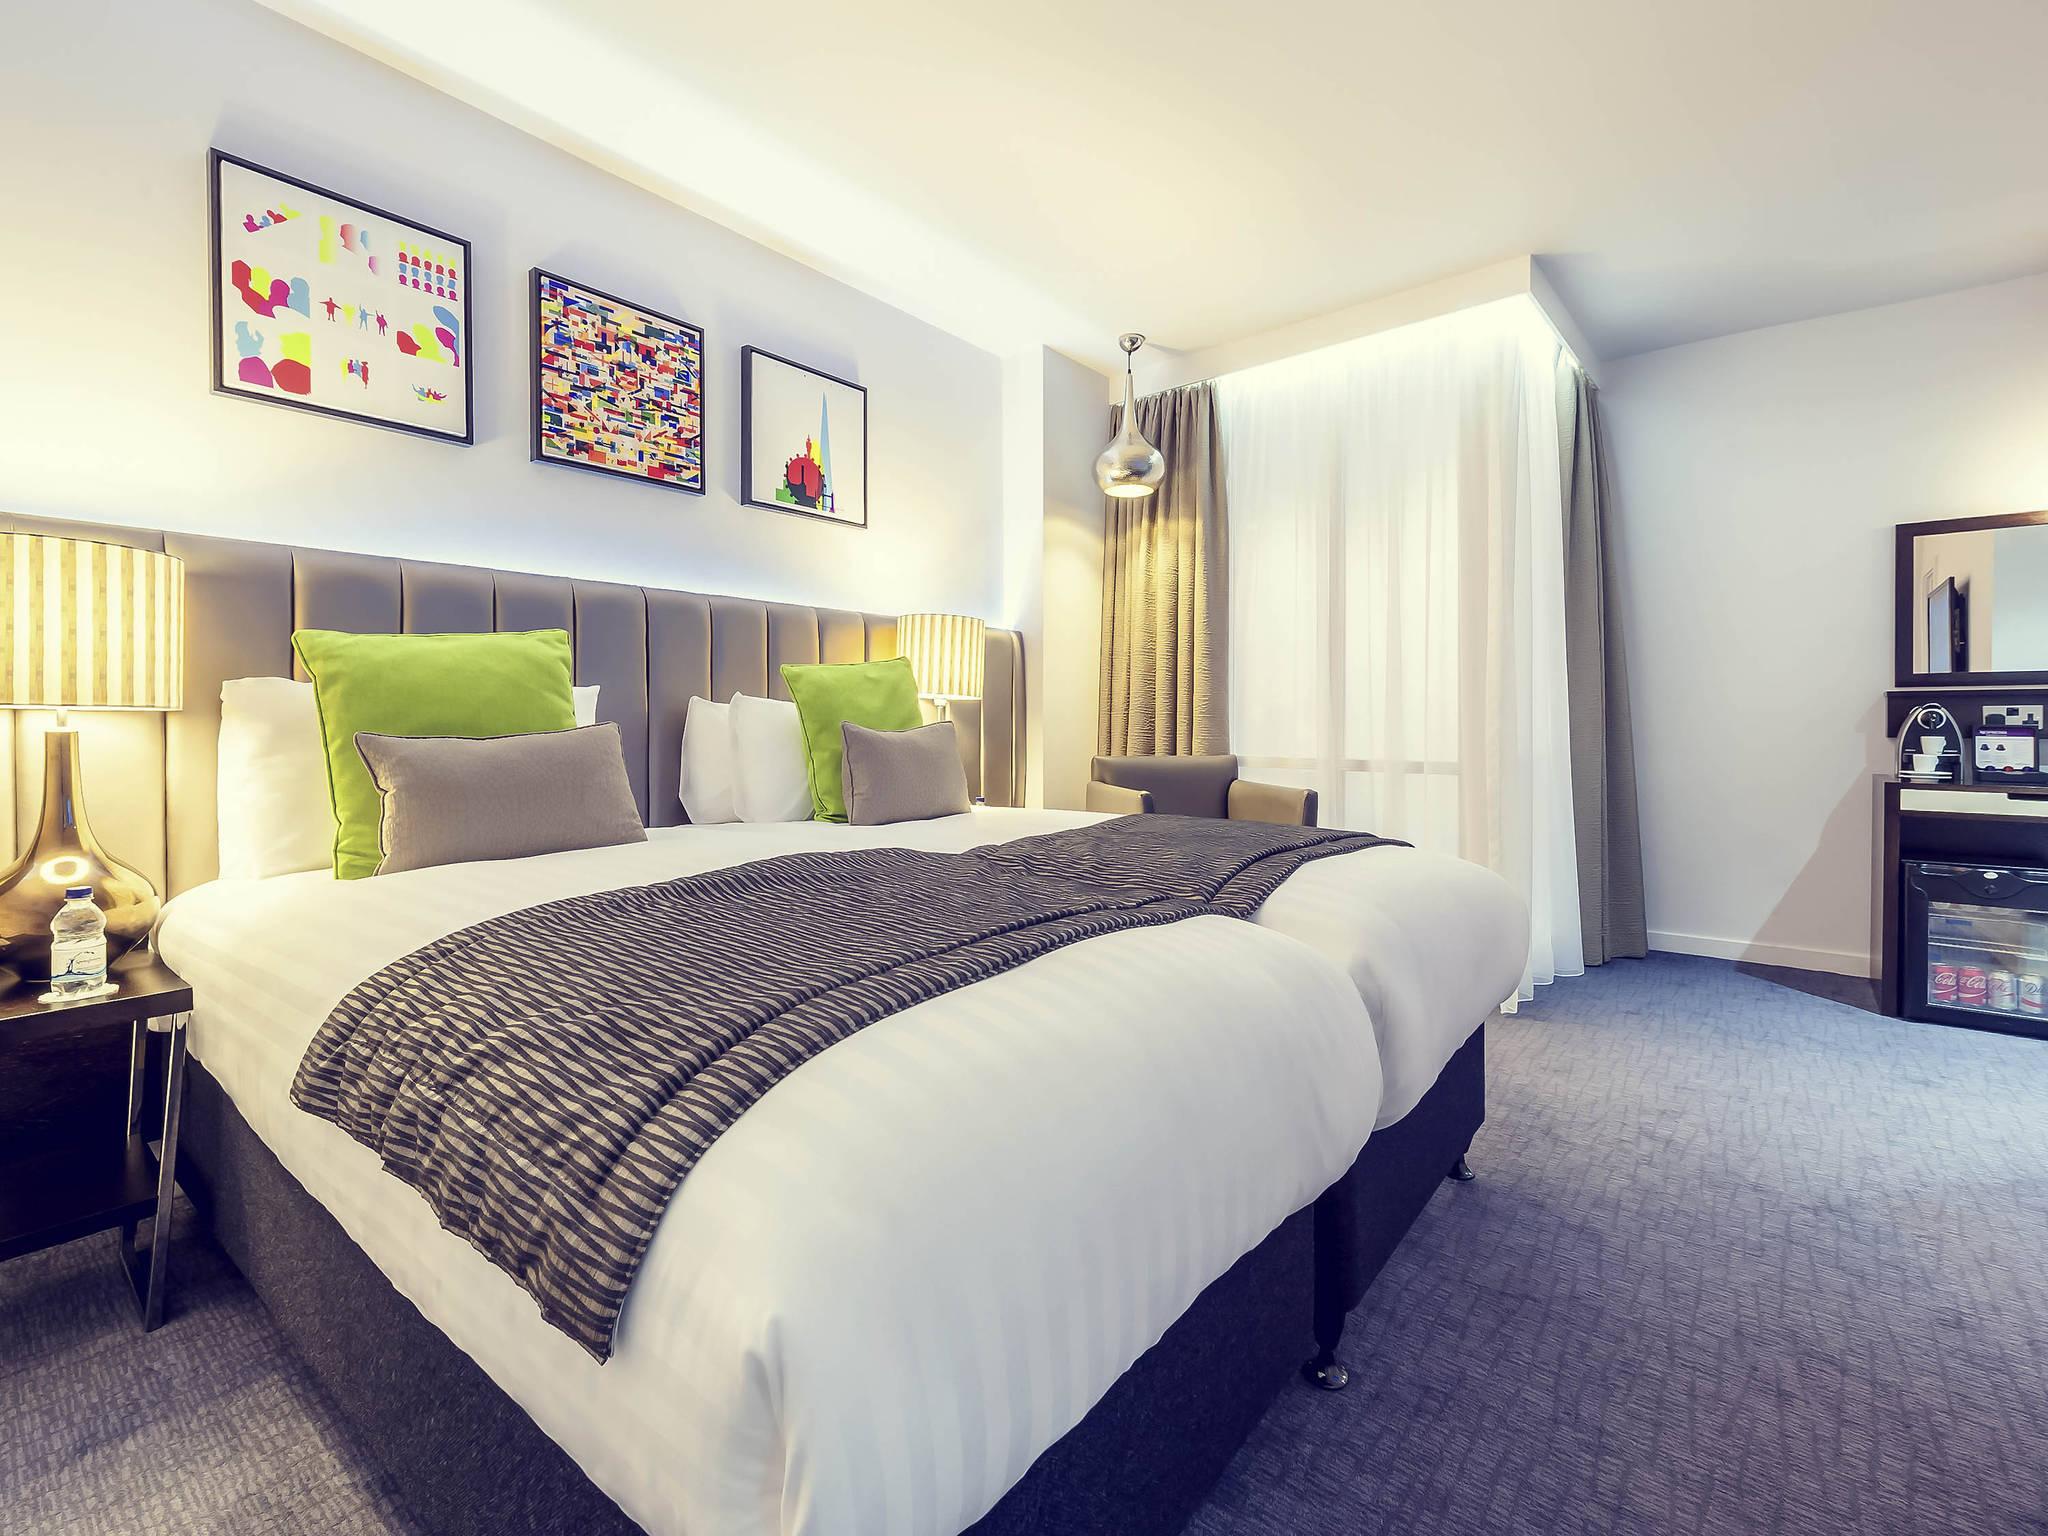 호텔 – 머큐어 런던 패딩턴